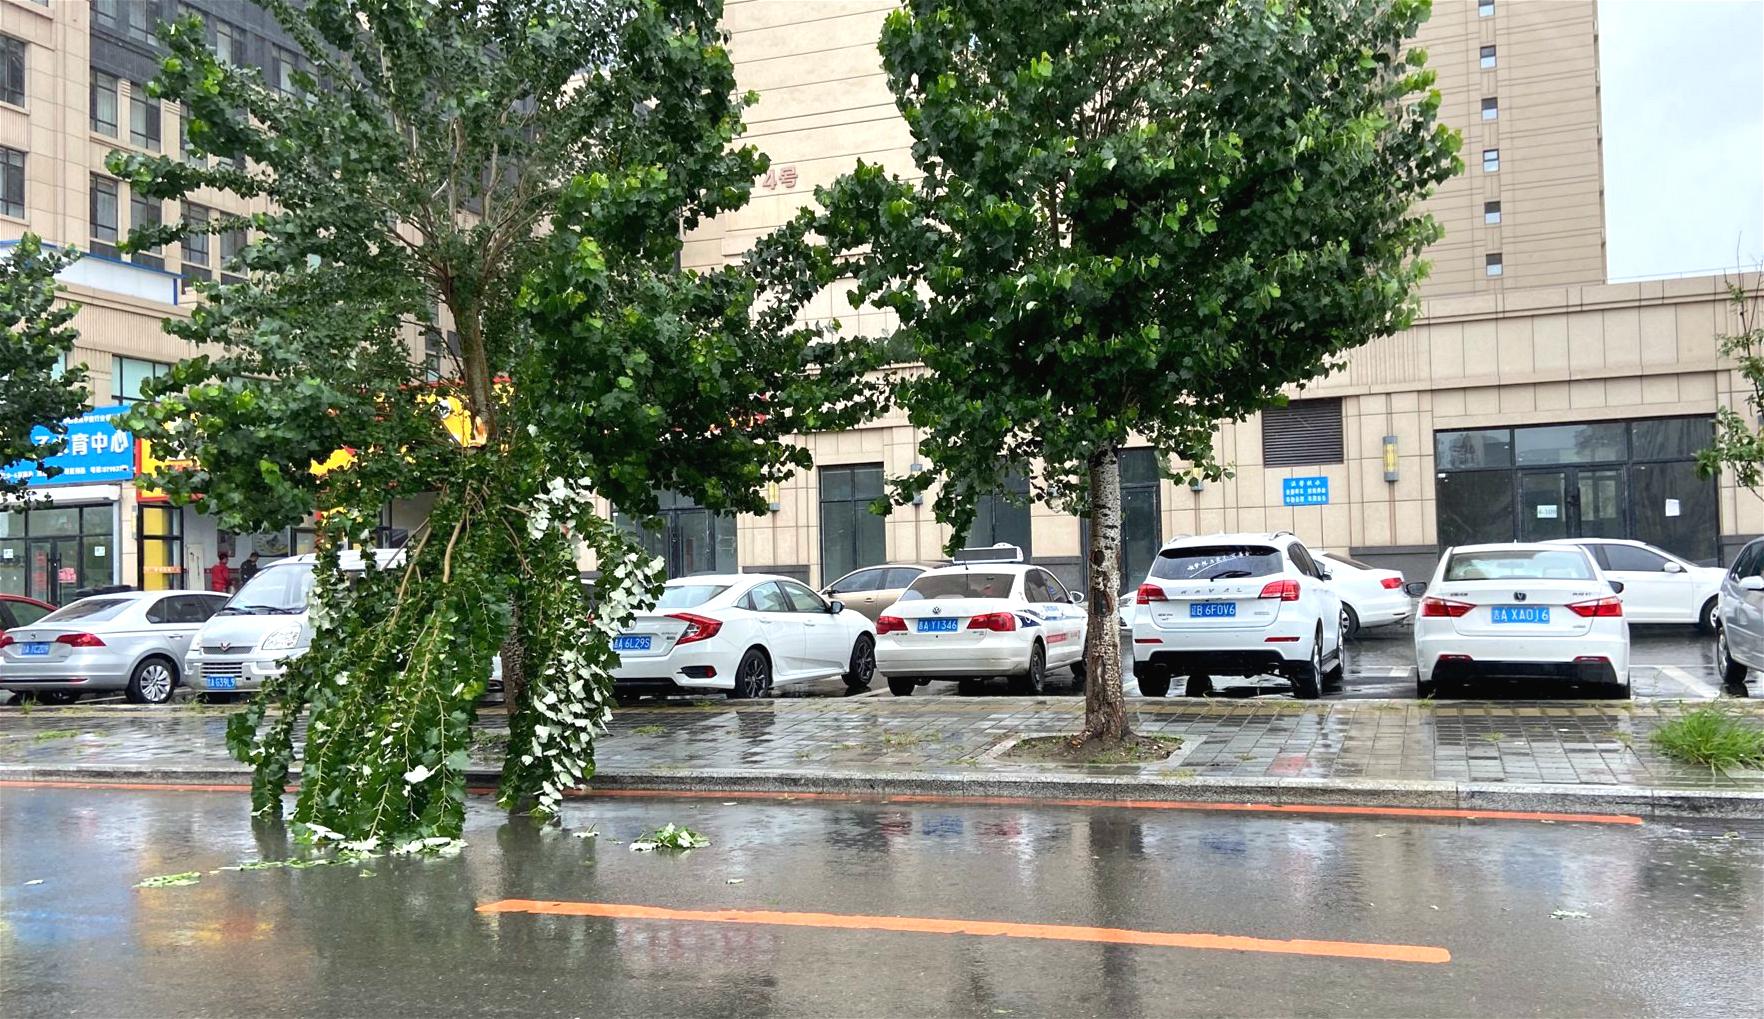 长春市自由大路银川街树木折断 过往行人车辆注意避让